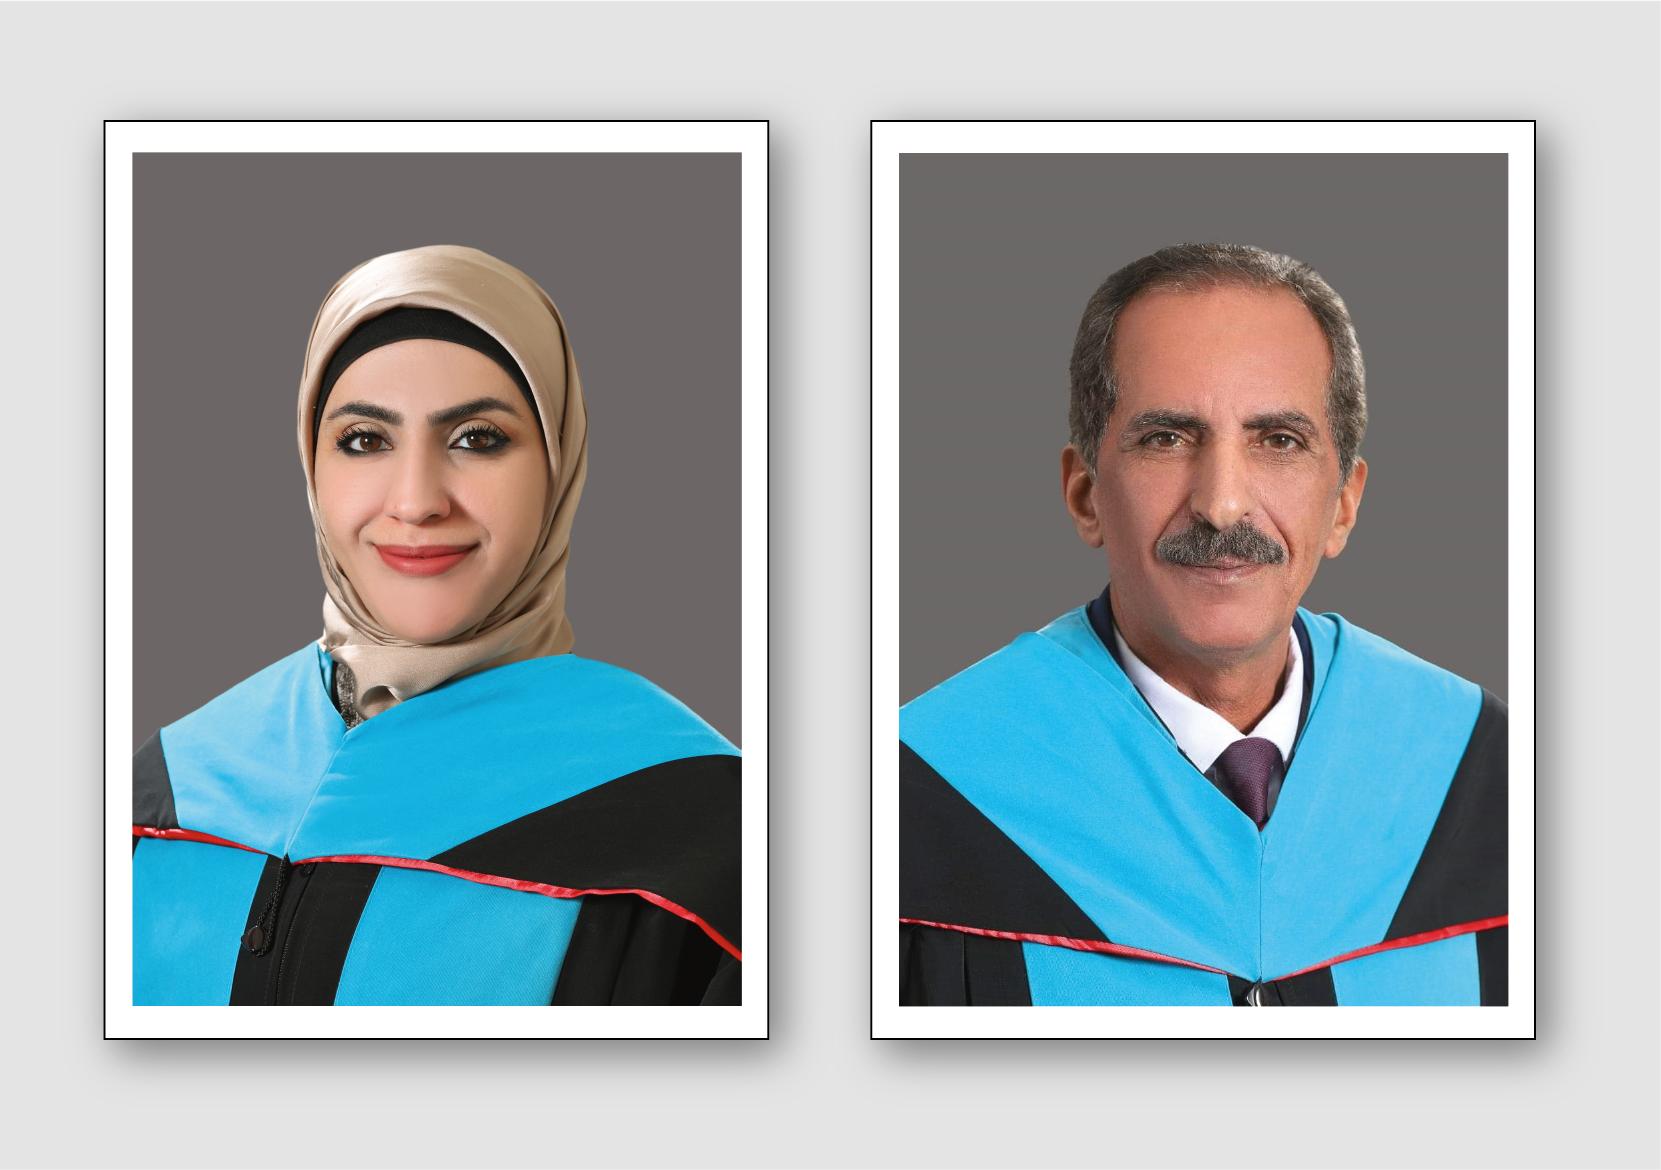 """جامعة عمان العربية تشارك في مؤتمر دولي حول """"المرأة في الأكاديميا"""""""